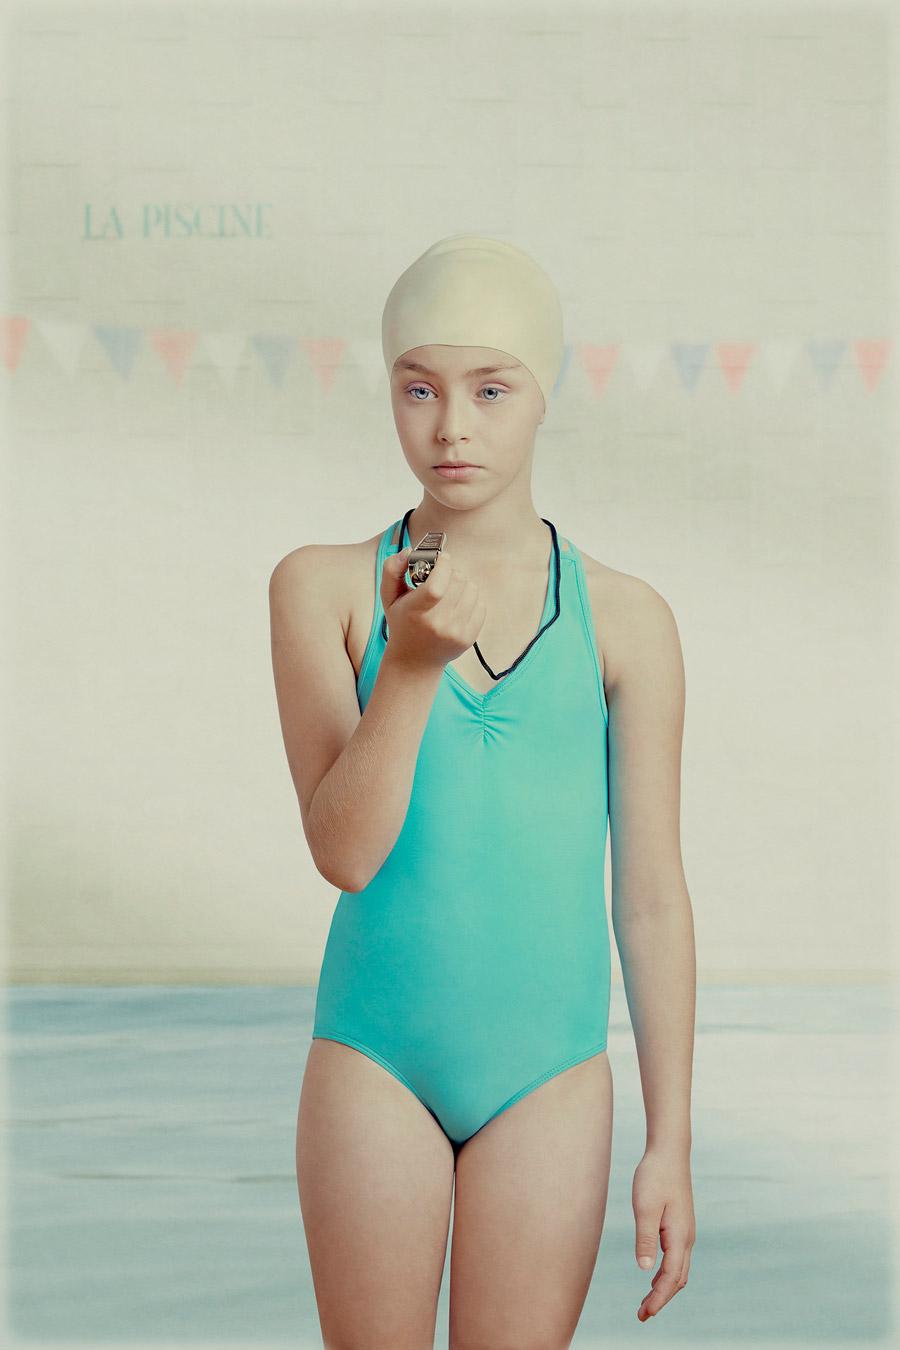 Бриджит, © Лиза Саад, Ричмонд, Австралия, Призёр категории «Коммерческая», Фотоконкурс «Портрет» — The Portrait